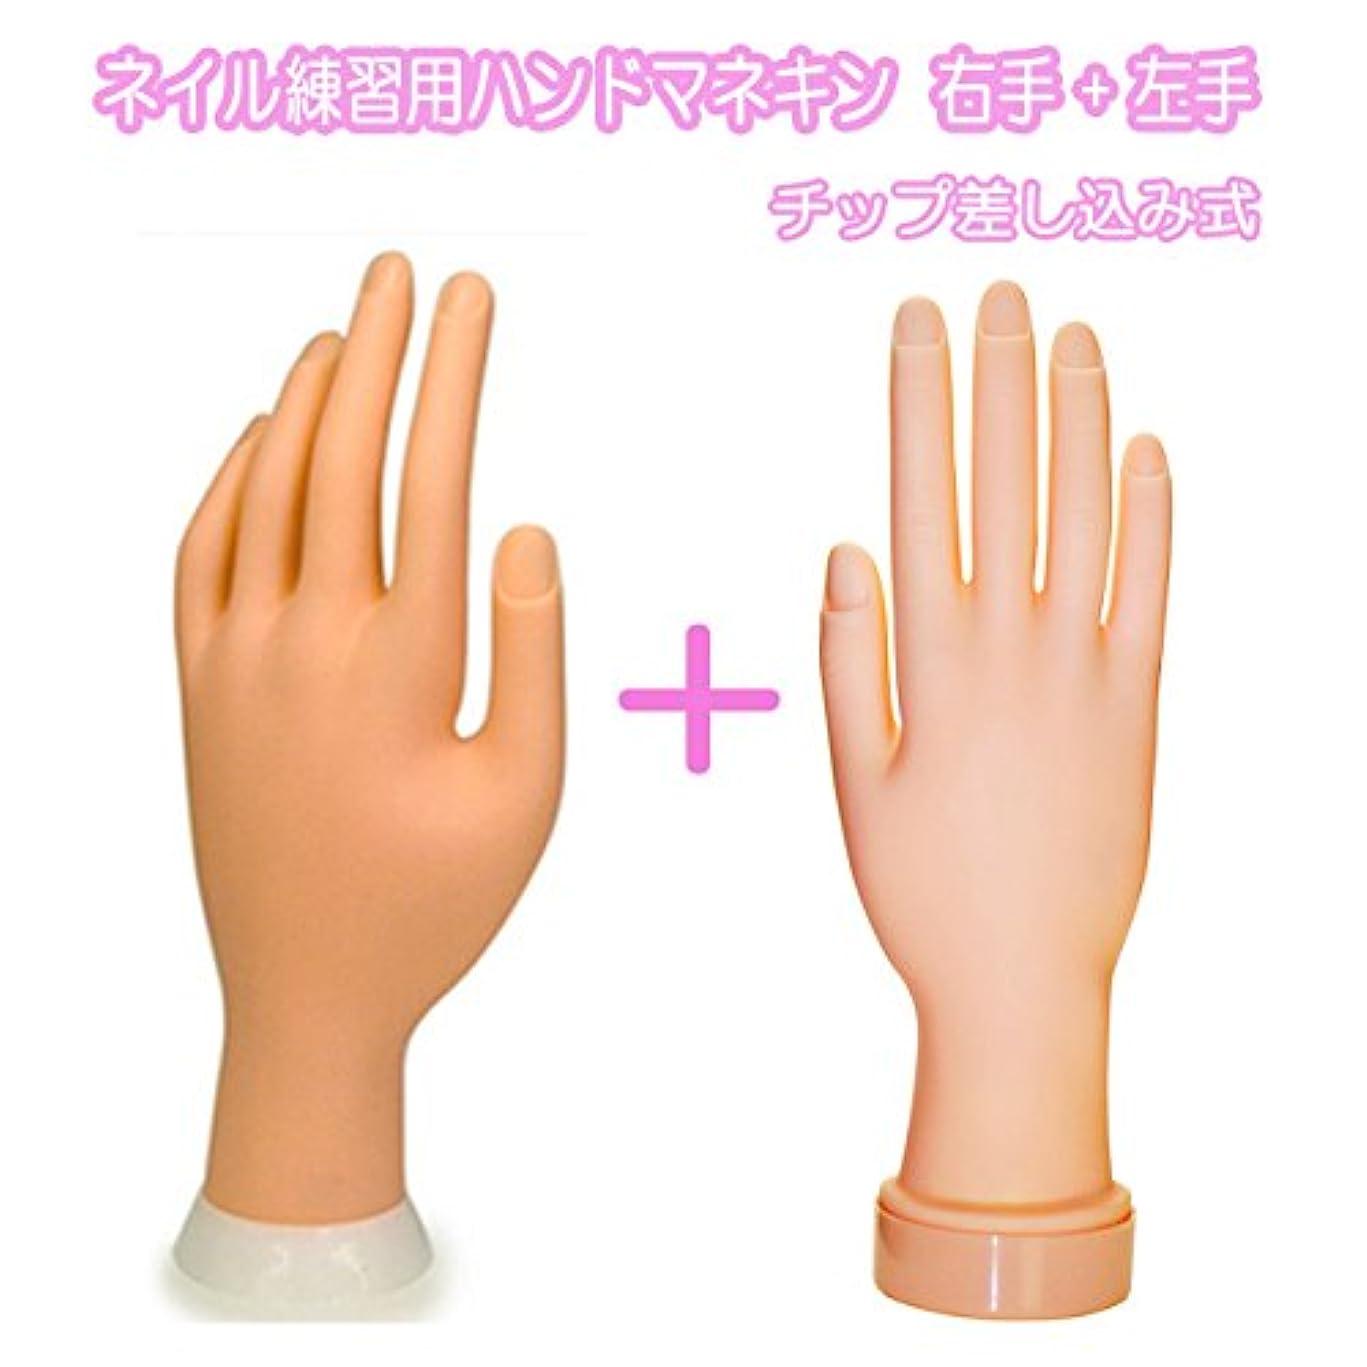 メロンようこそ公式【訳あり】ネイル練習用ハンドマネキン2個(右手/左手)/チップ差し込み式 (右手1個+左手1個)